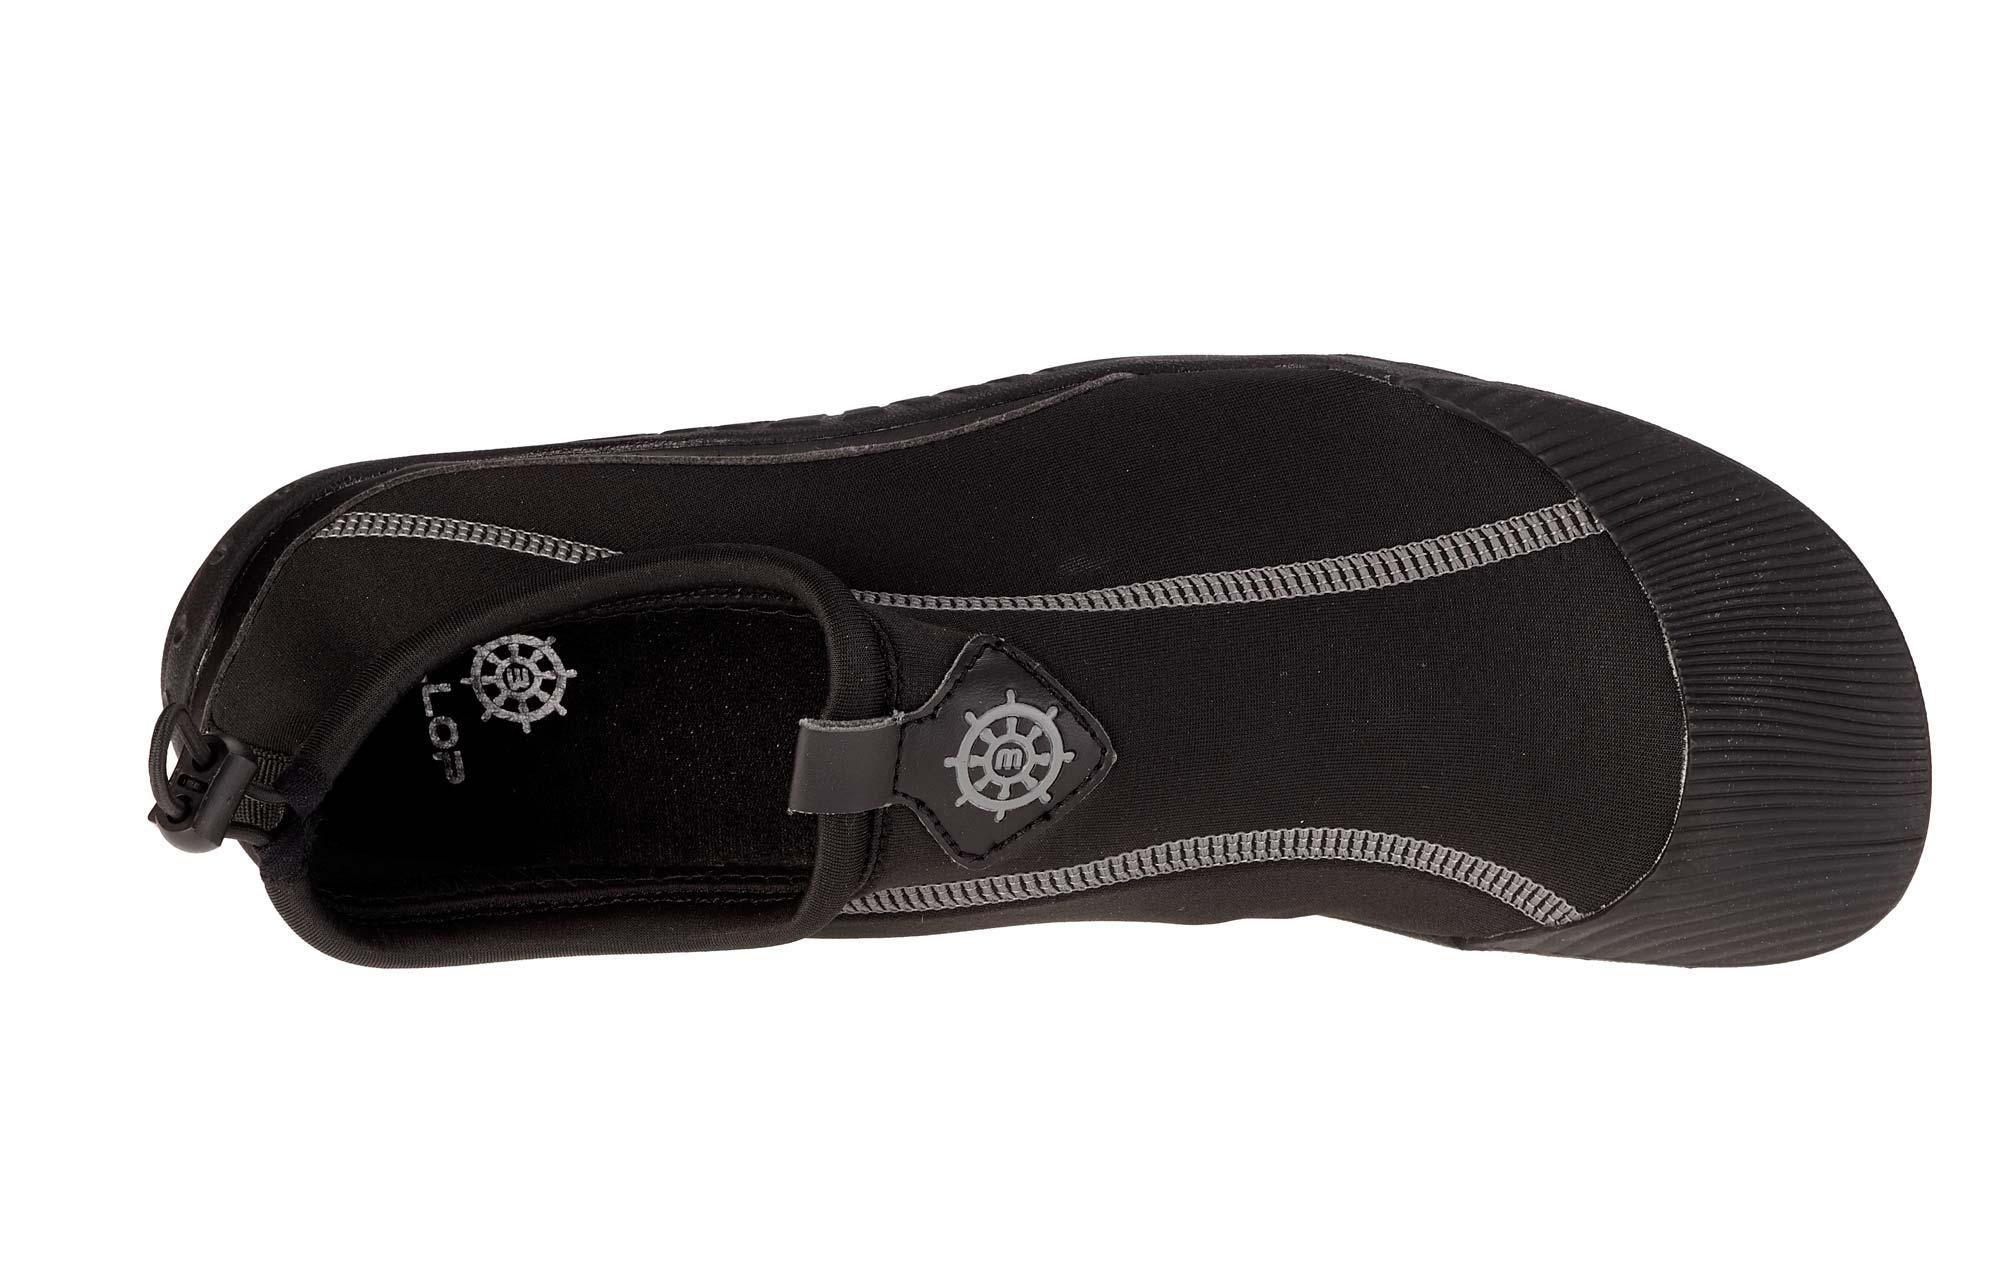 BALLOP Schuhe Aqualander black | Aqualander | Ballop Shop